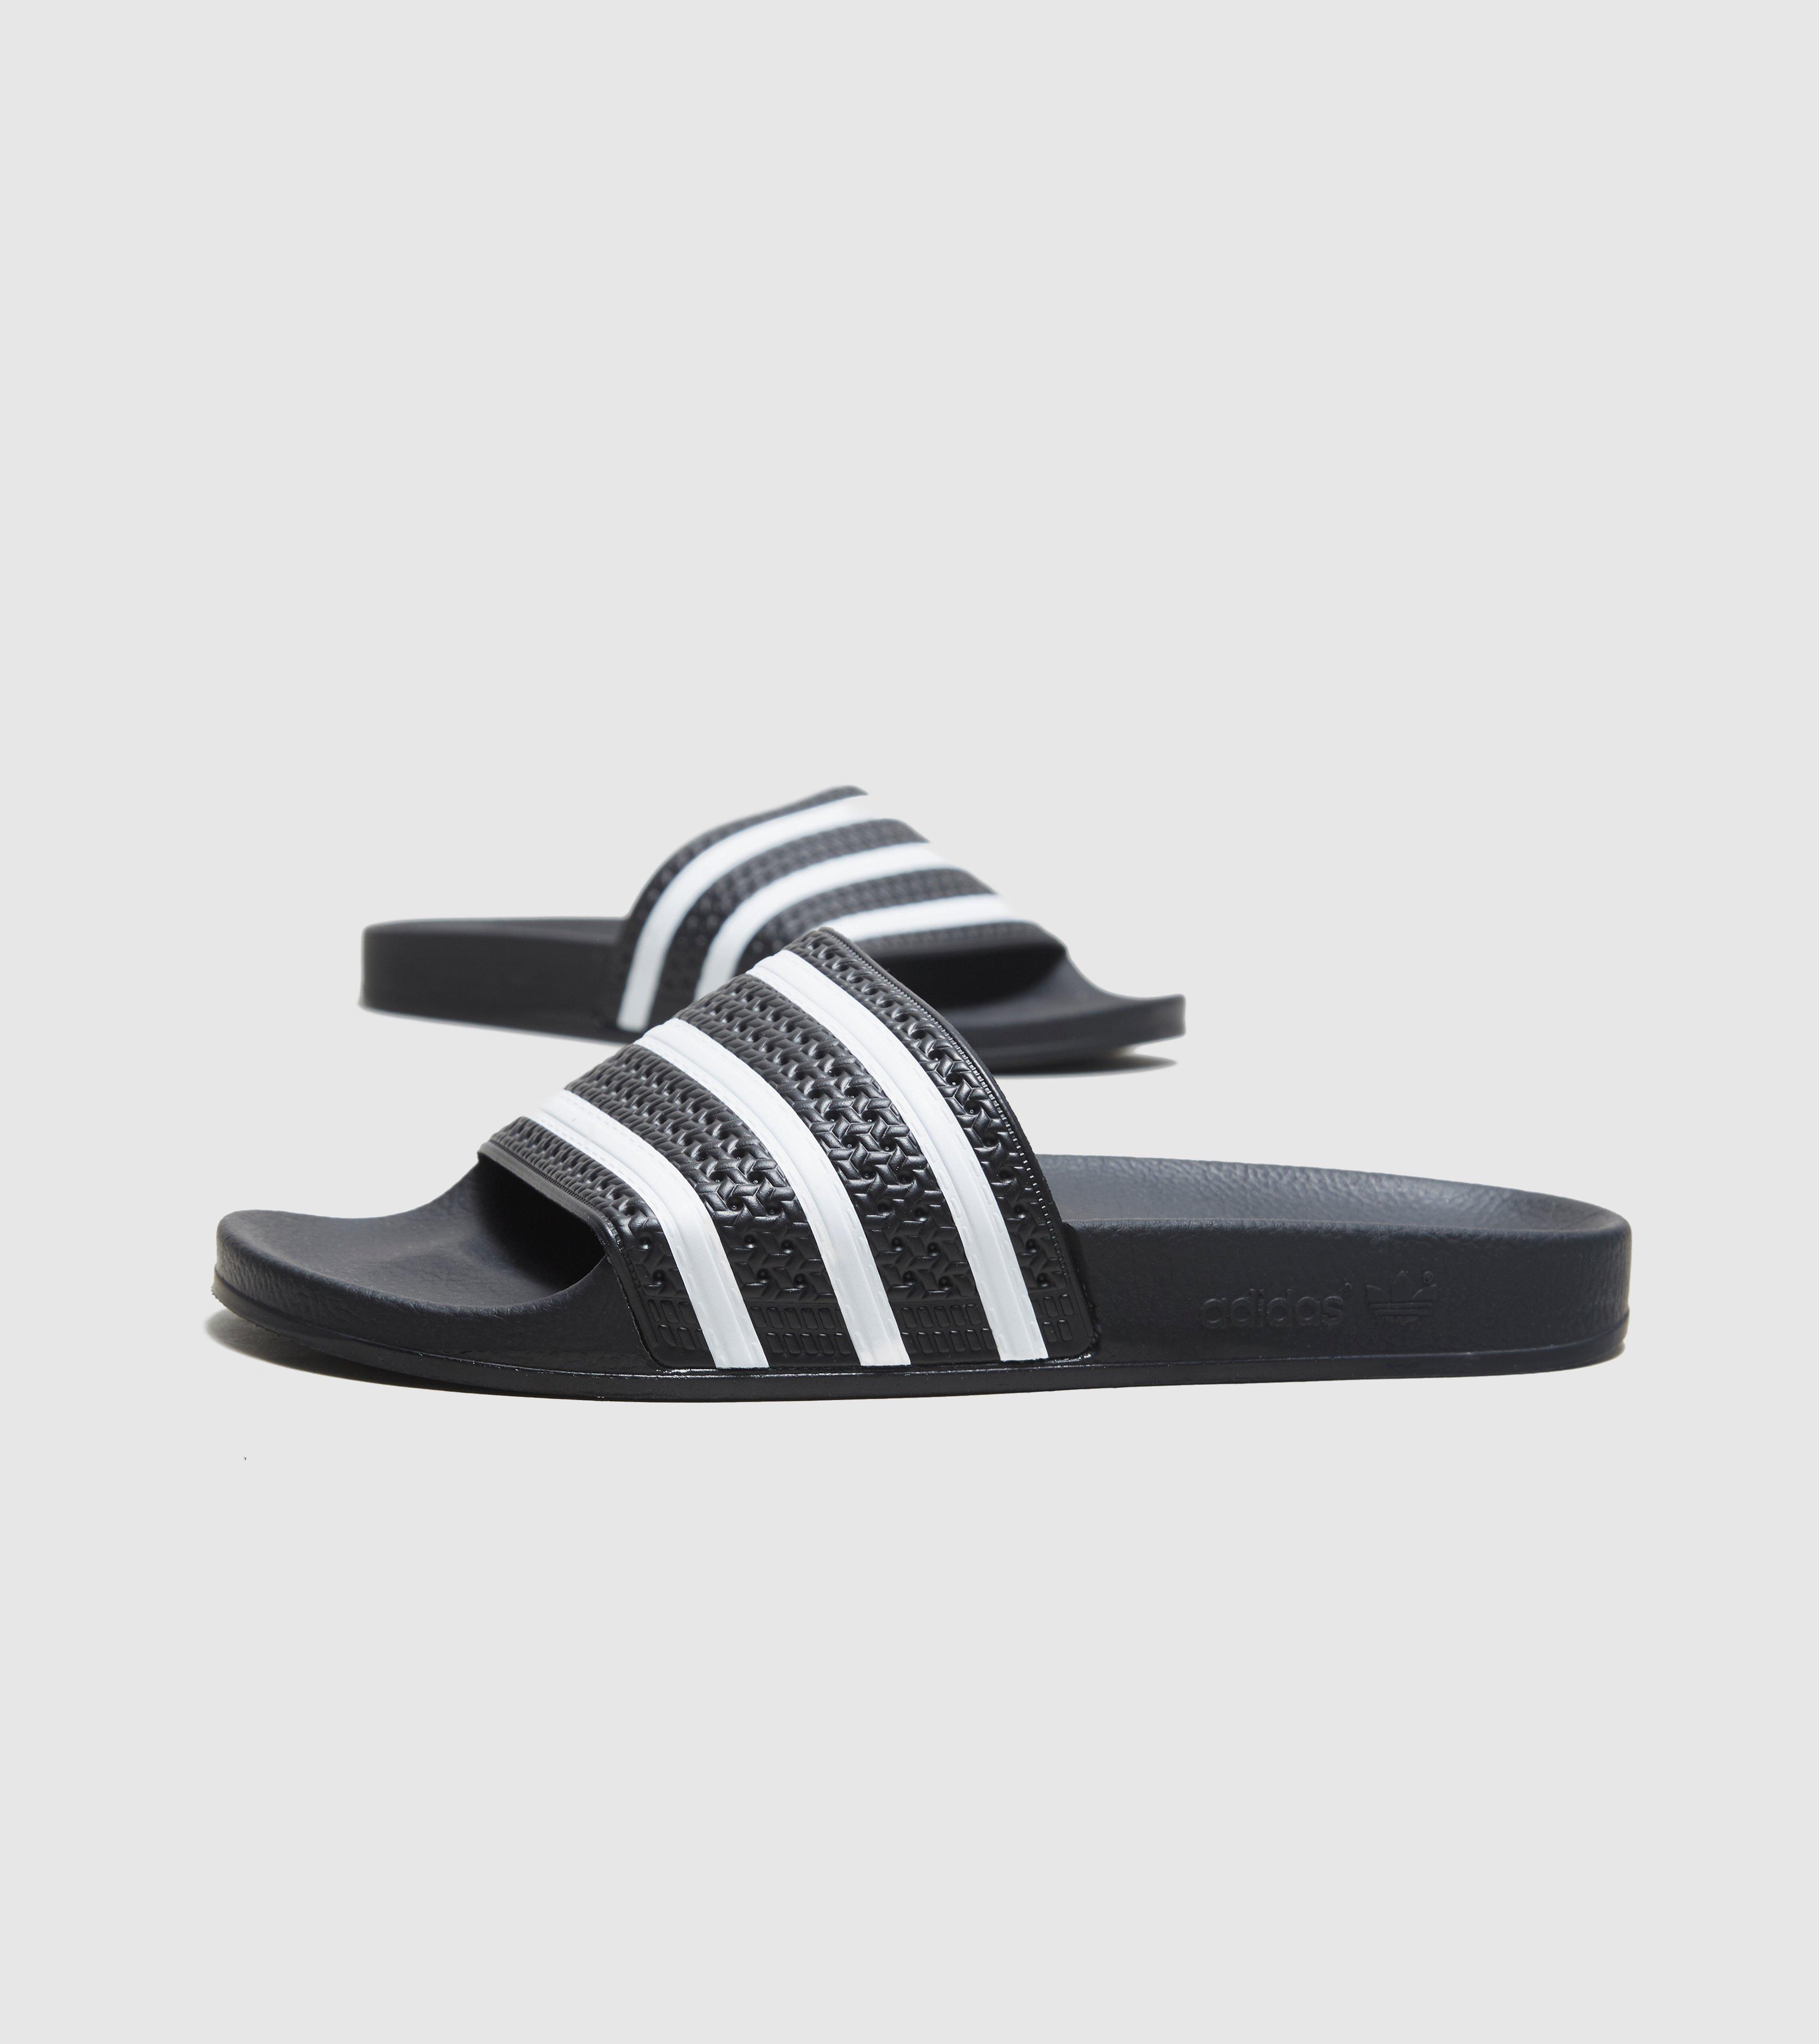 Adidas House Shoes Adilette